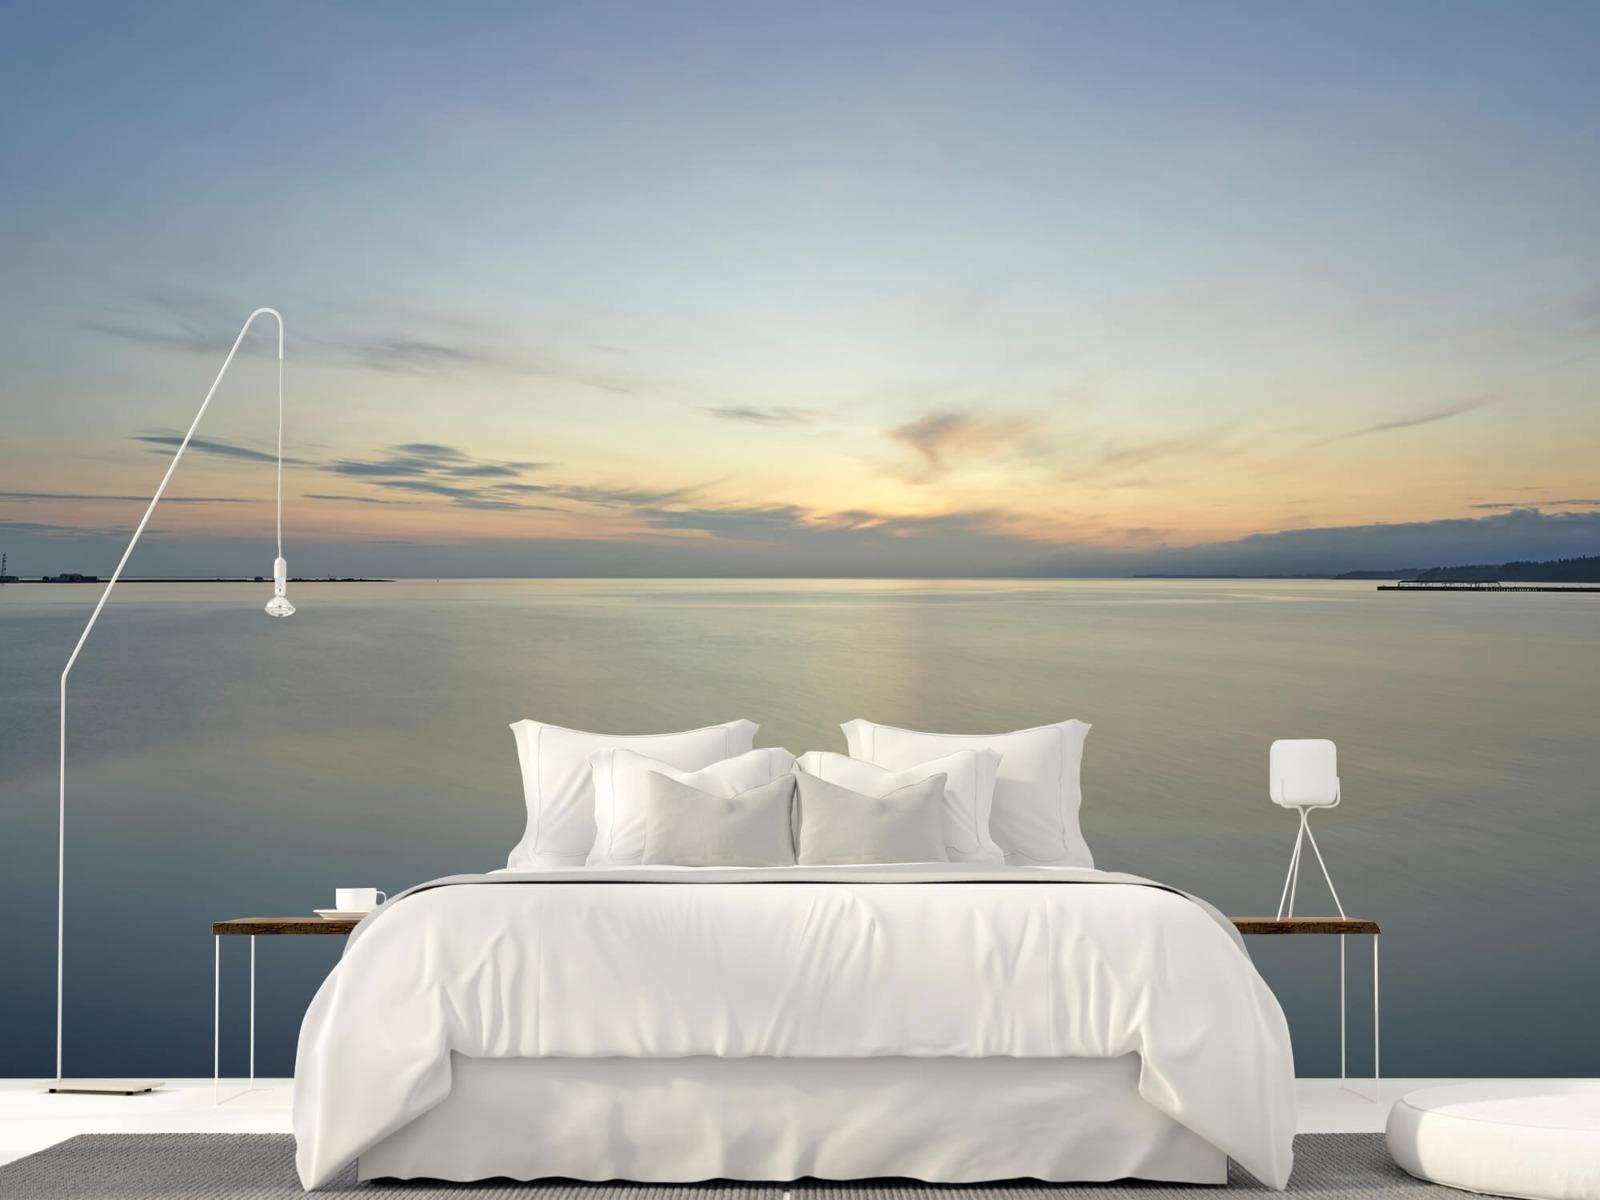 Zeeën en Oceanen - Zonsopkomst aan de kust - Wallexclusive - Slaapkamer 16